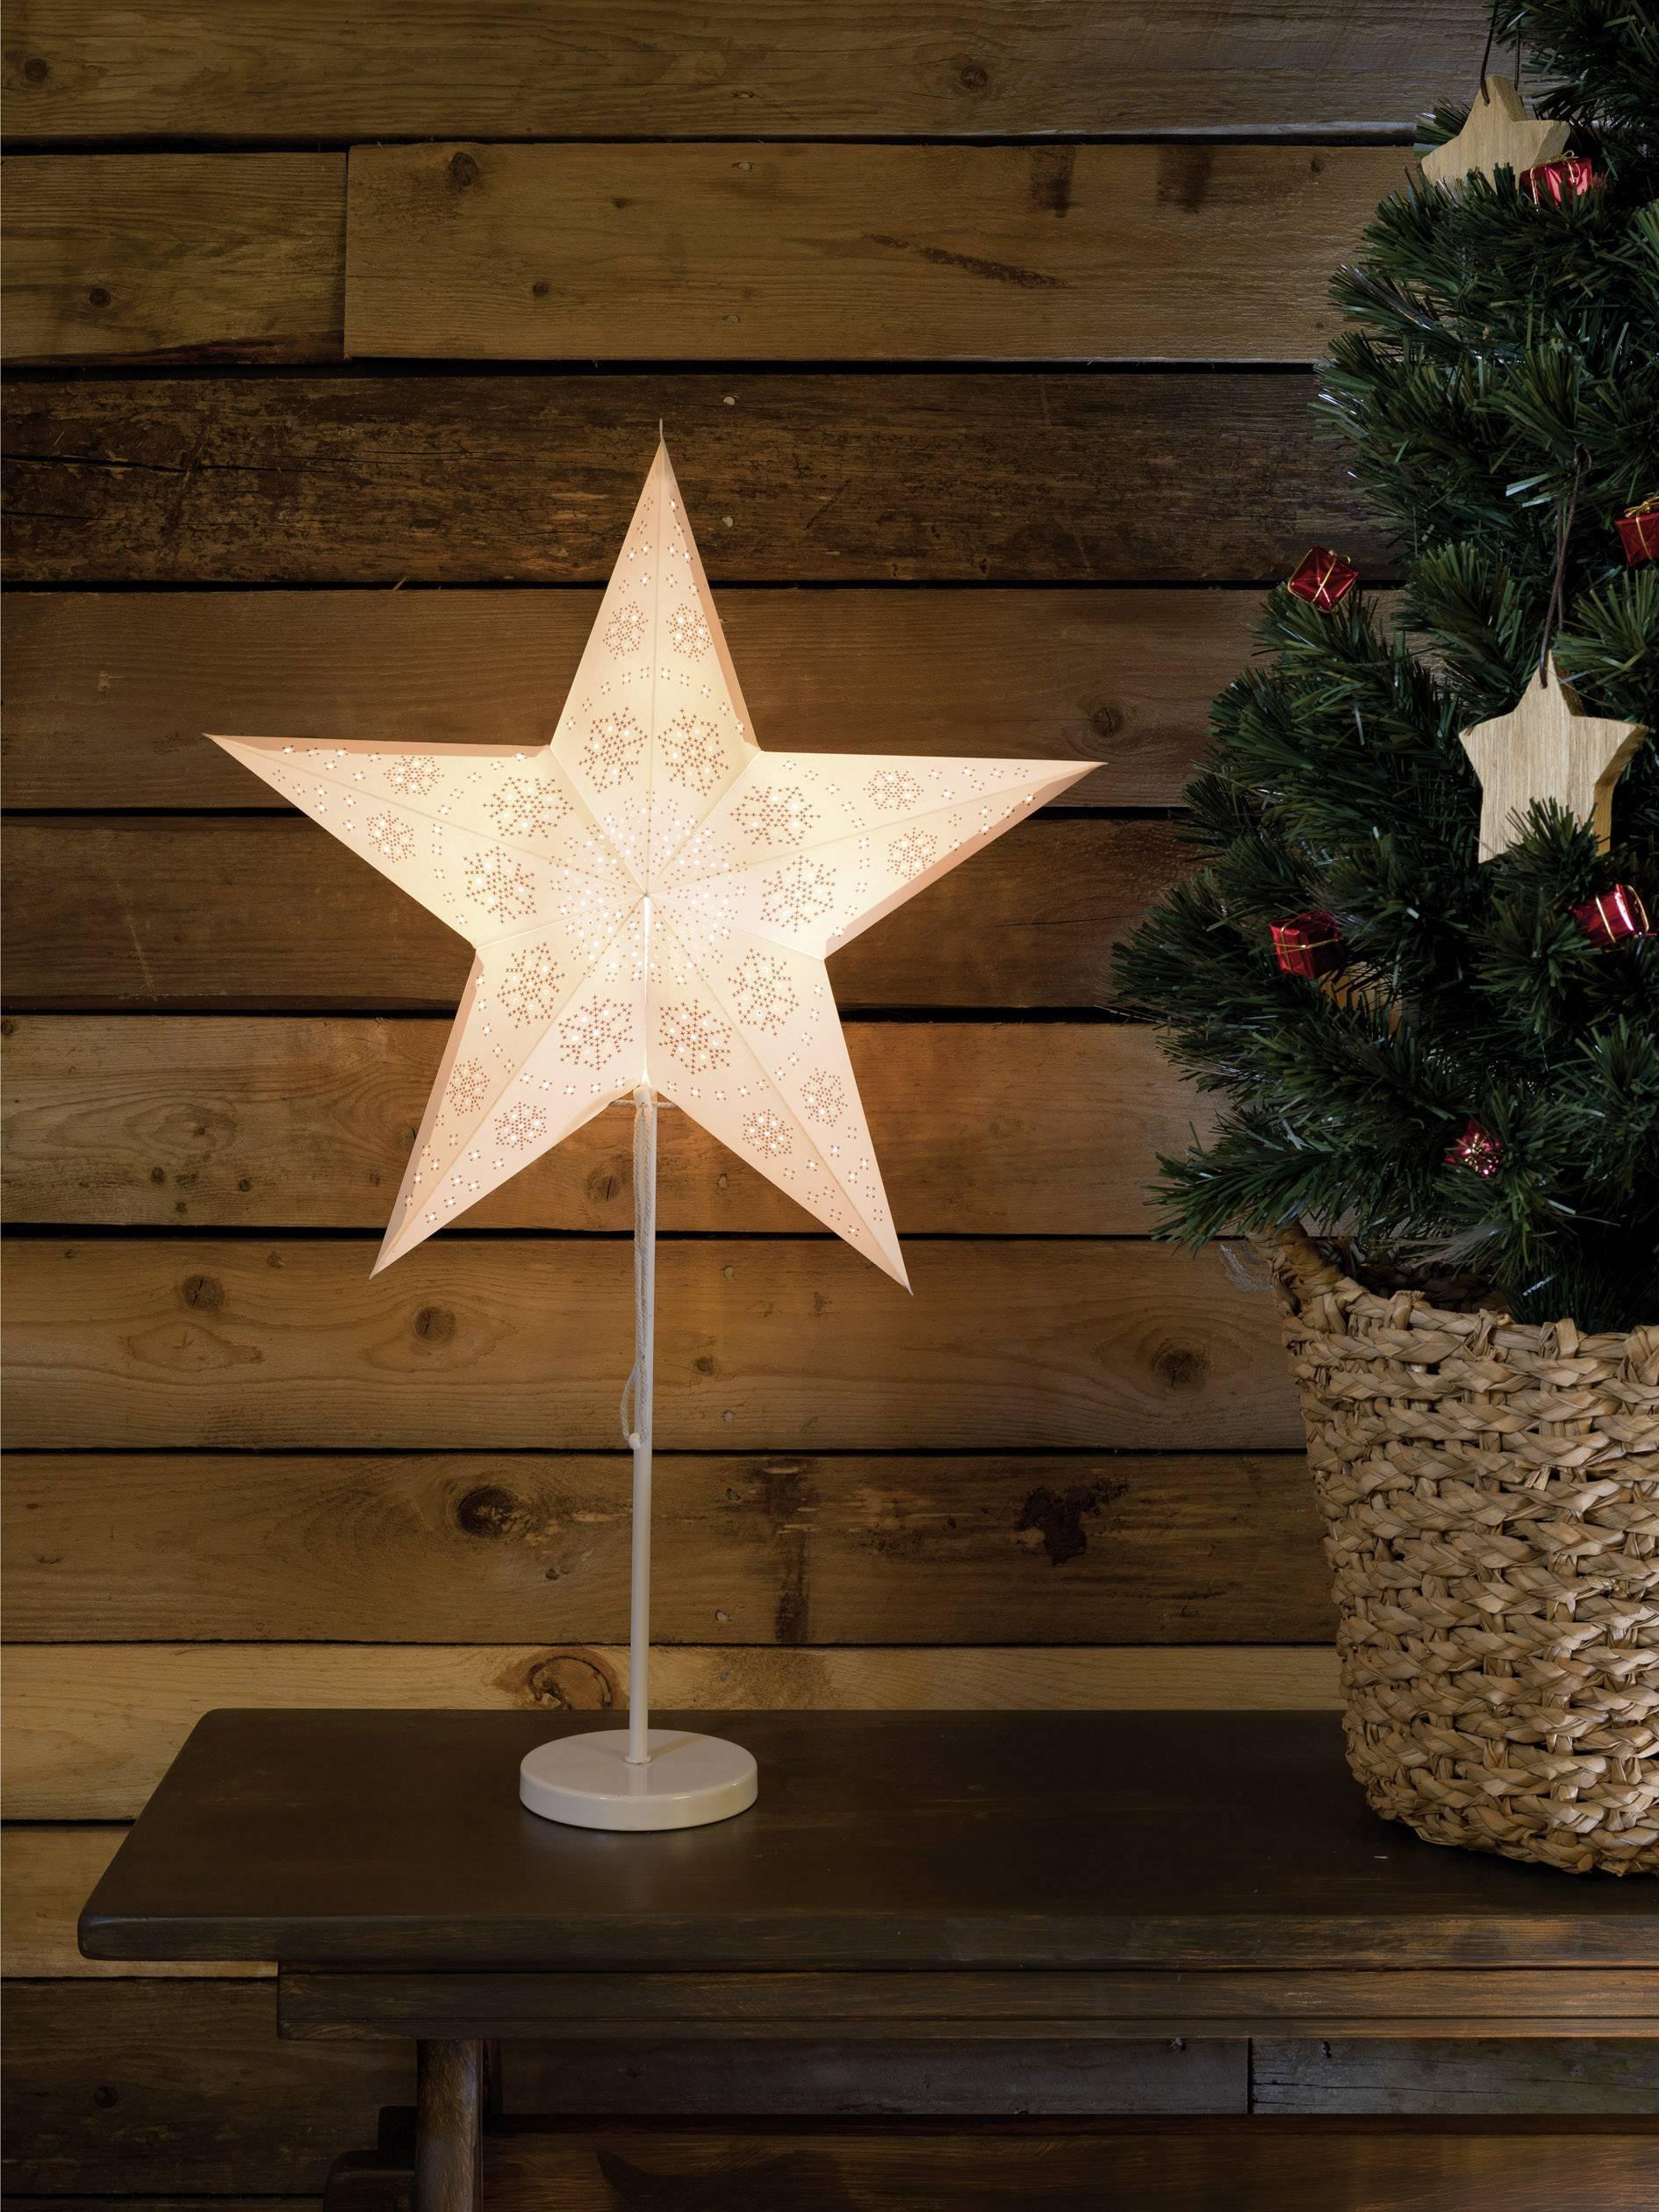 Stolní dekorace – hvězda Konstsmide 2991-250, bílá